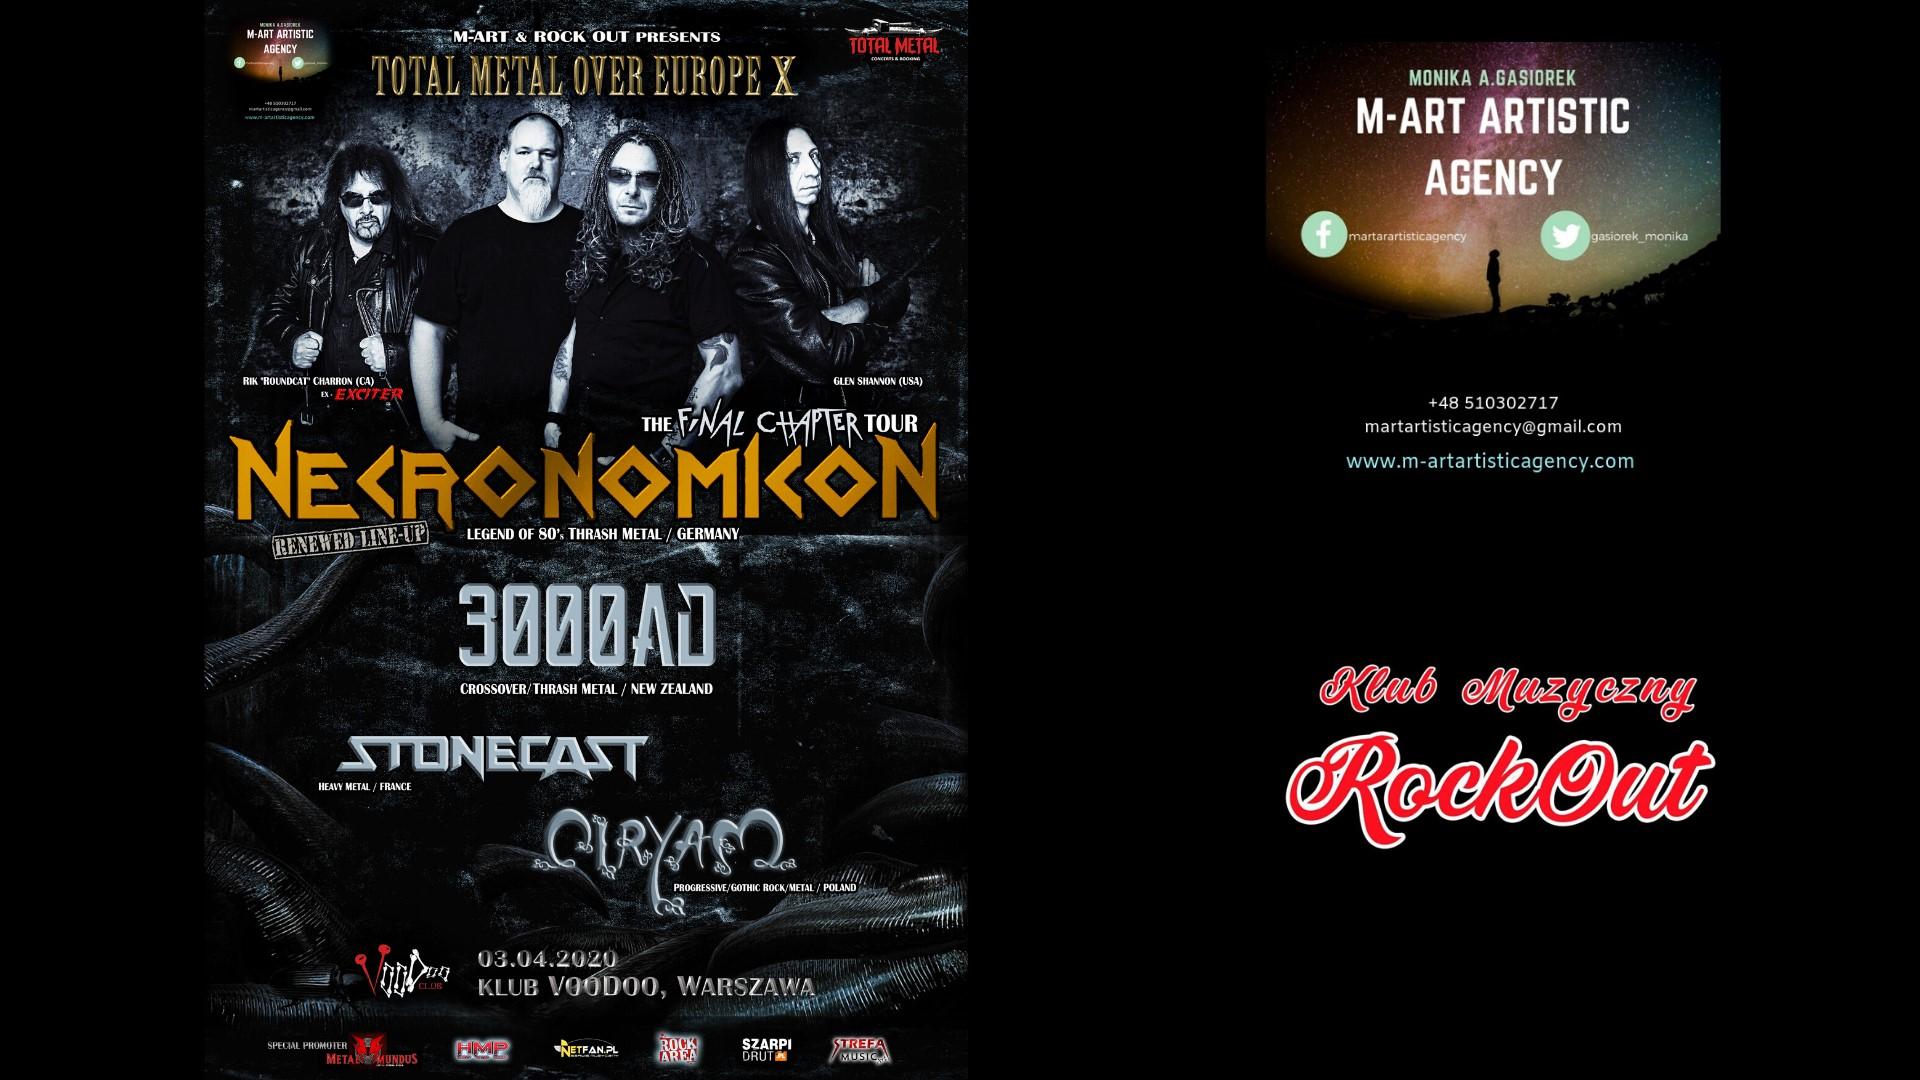 03.04 (piątek) Necronomicon [GER] X 3000AD [NZ] x Stonecast [FR] x Ciryam [PL] - VooDoo Club, Warszawa